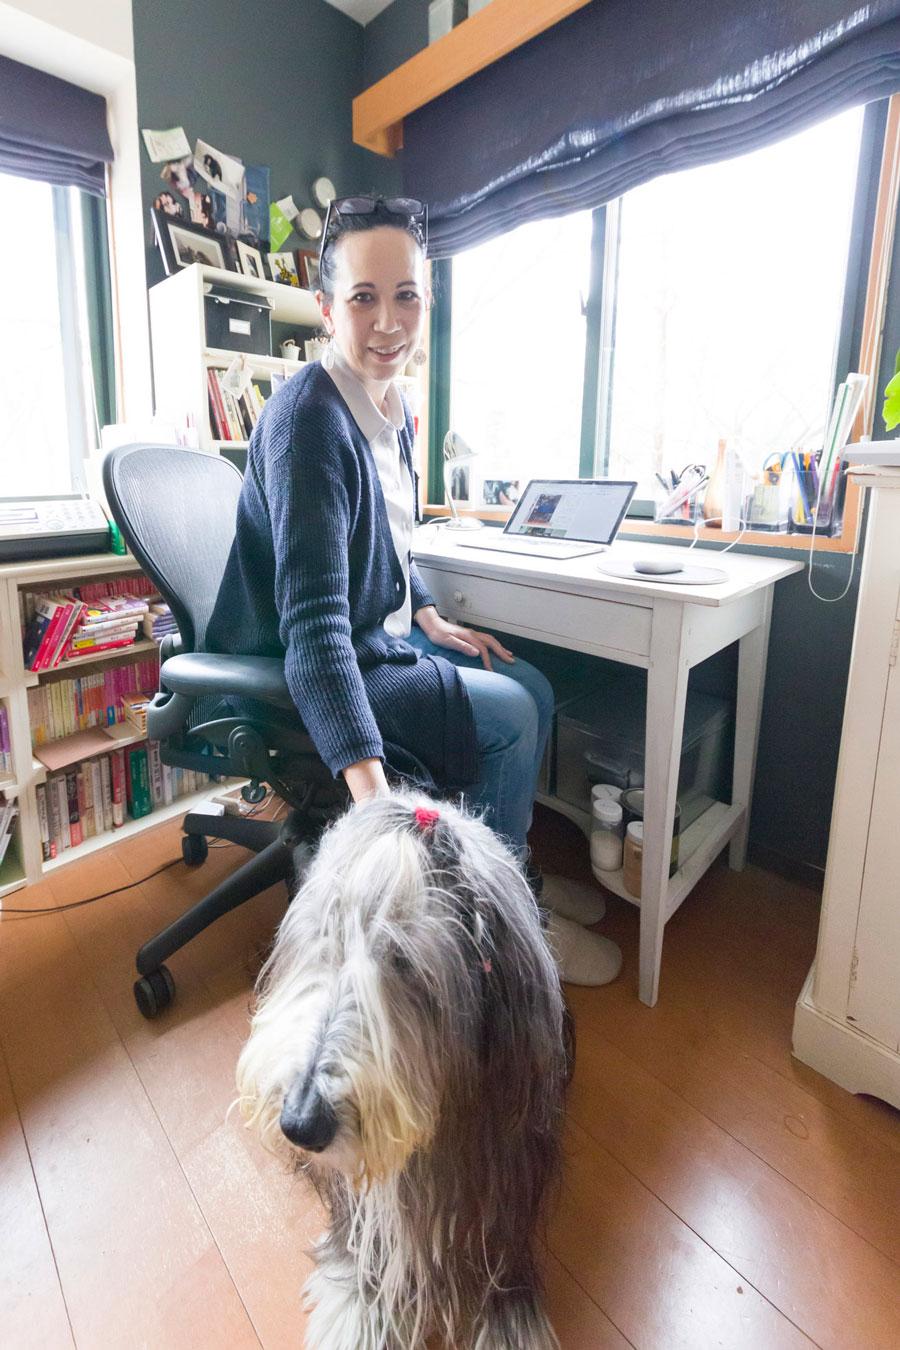 チャコールグレーに塗った書斎で、仕事にあたるヘザー・ブラッキンさん。愛犬ボニーはビアデッド・コリー。